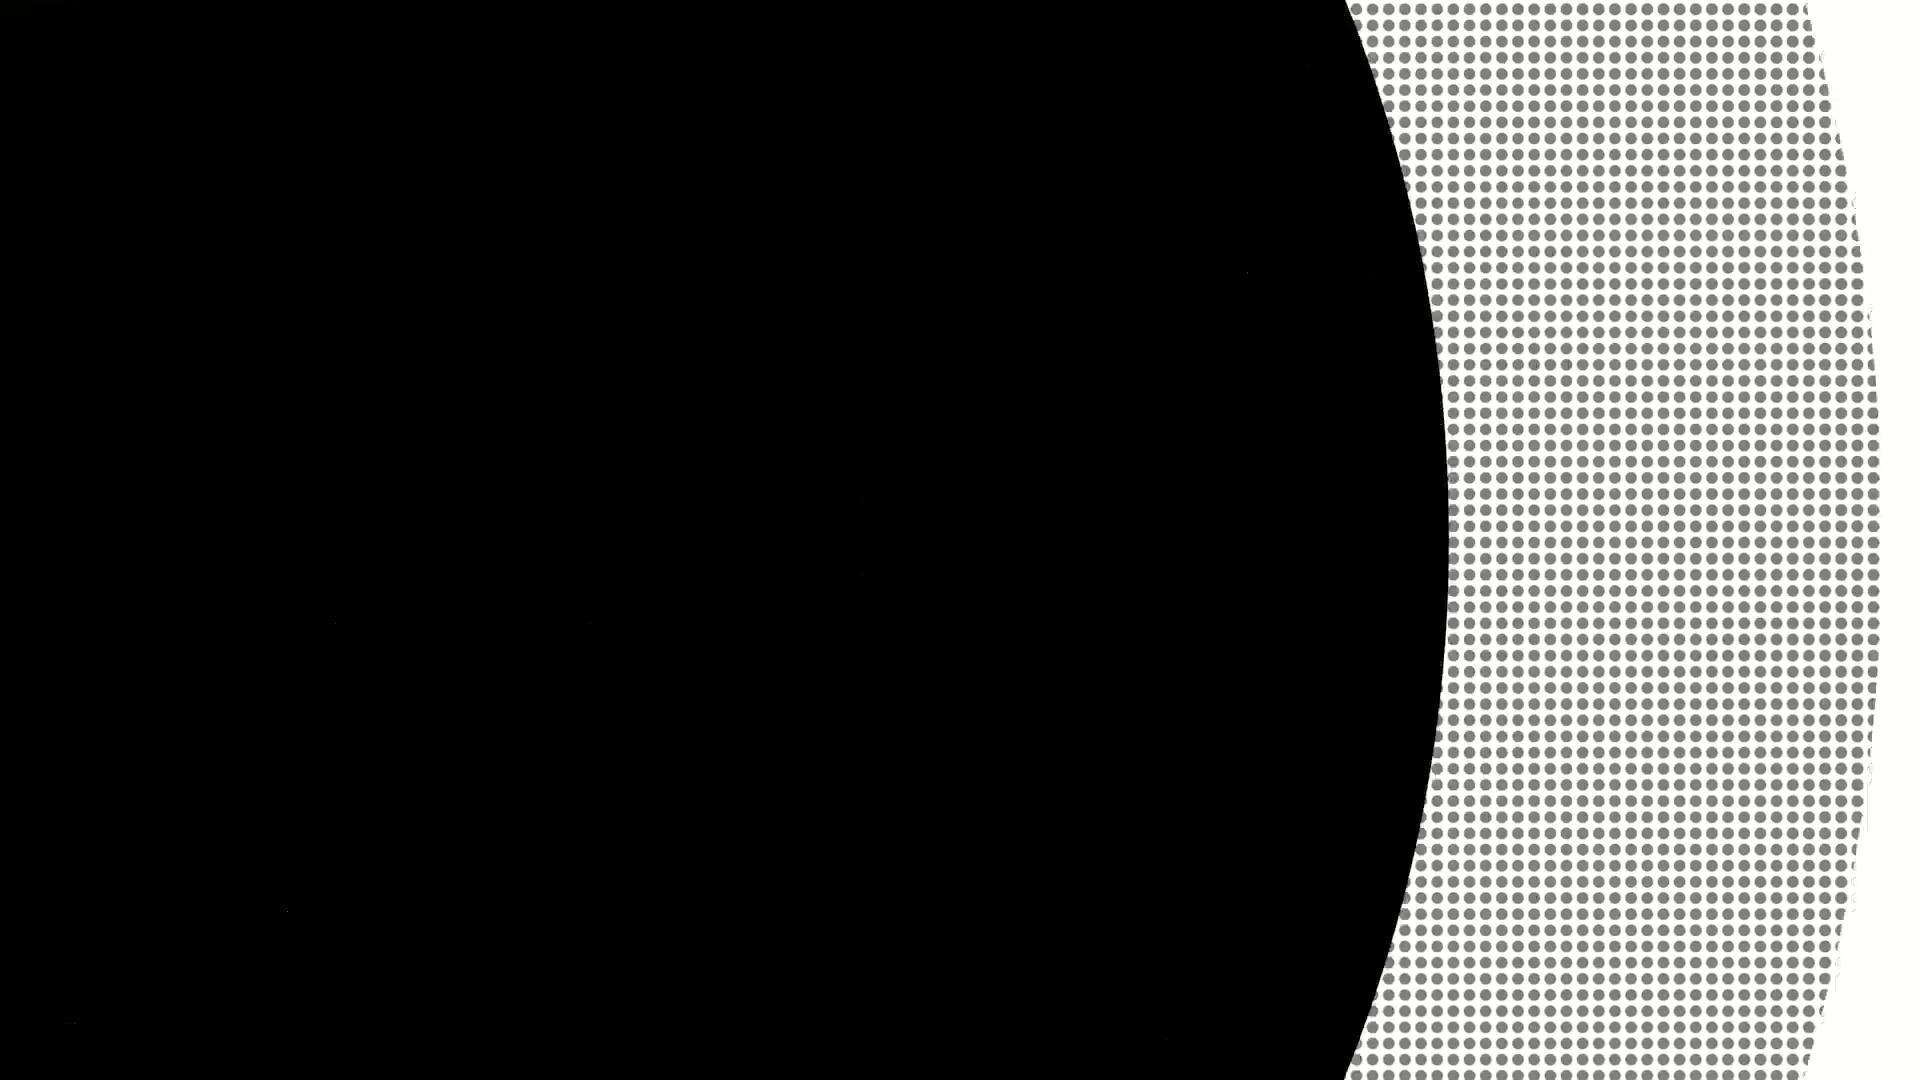 圆点转场过渡素材5